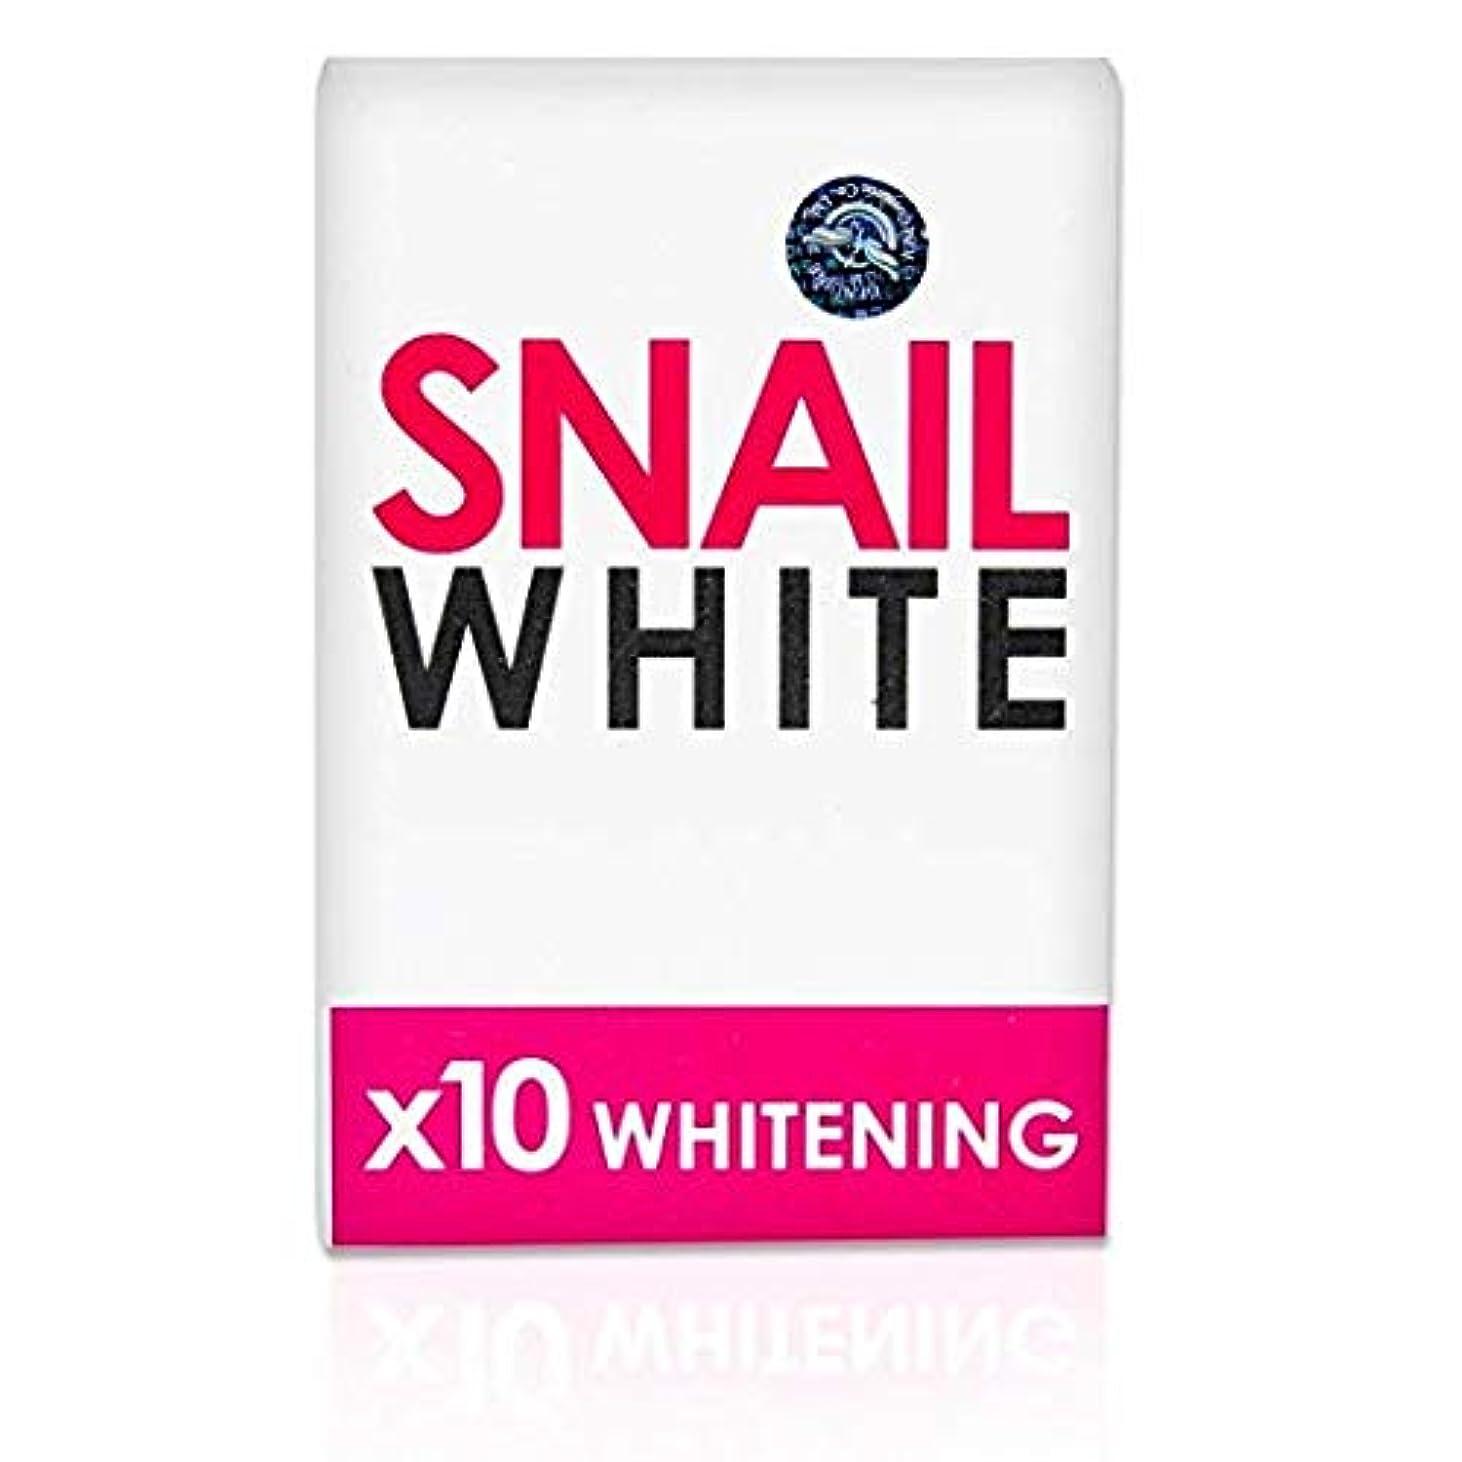 自分のために自動湿原スネイルホワイト Gluta Snail White x10 Whitening by Dream ホワイトニング 固形石鹸 2個